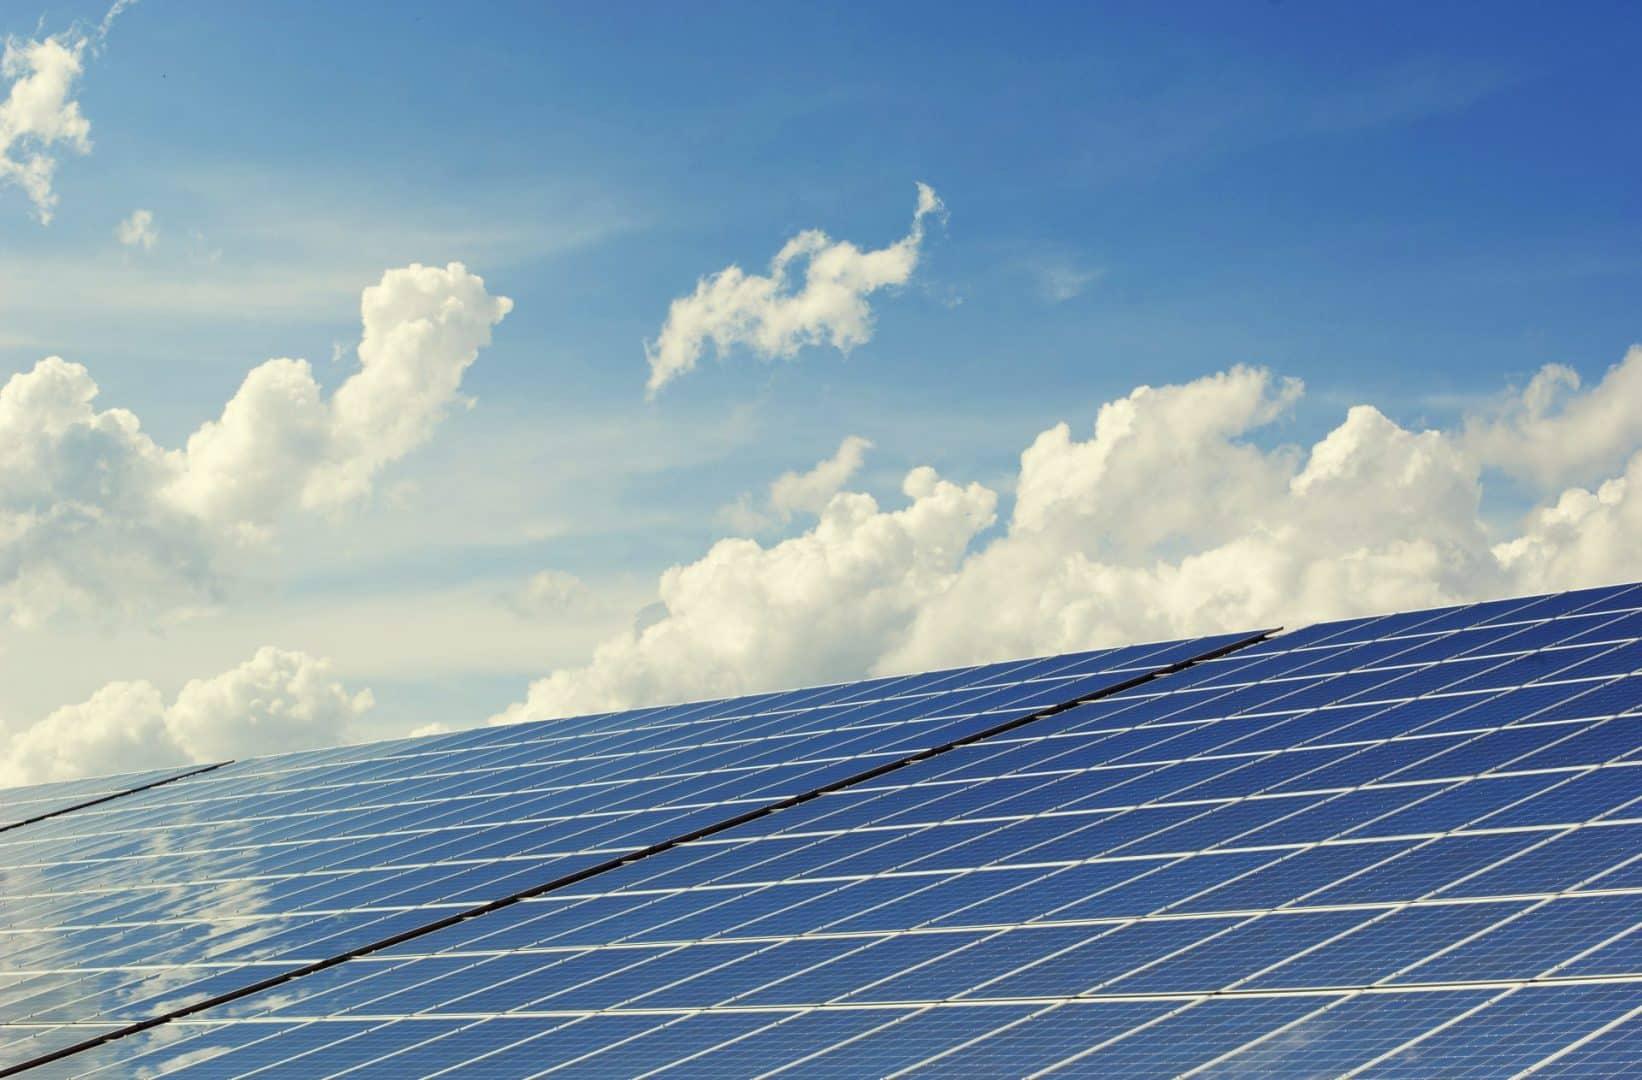 Gemeente aangesloten bij Energiecoöperatie Bodegraven-Reeuwijk